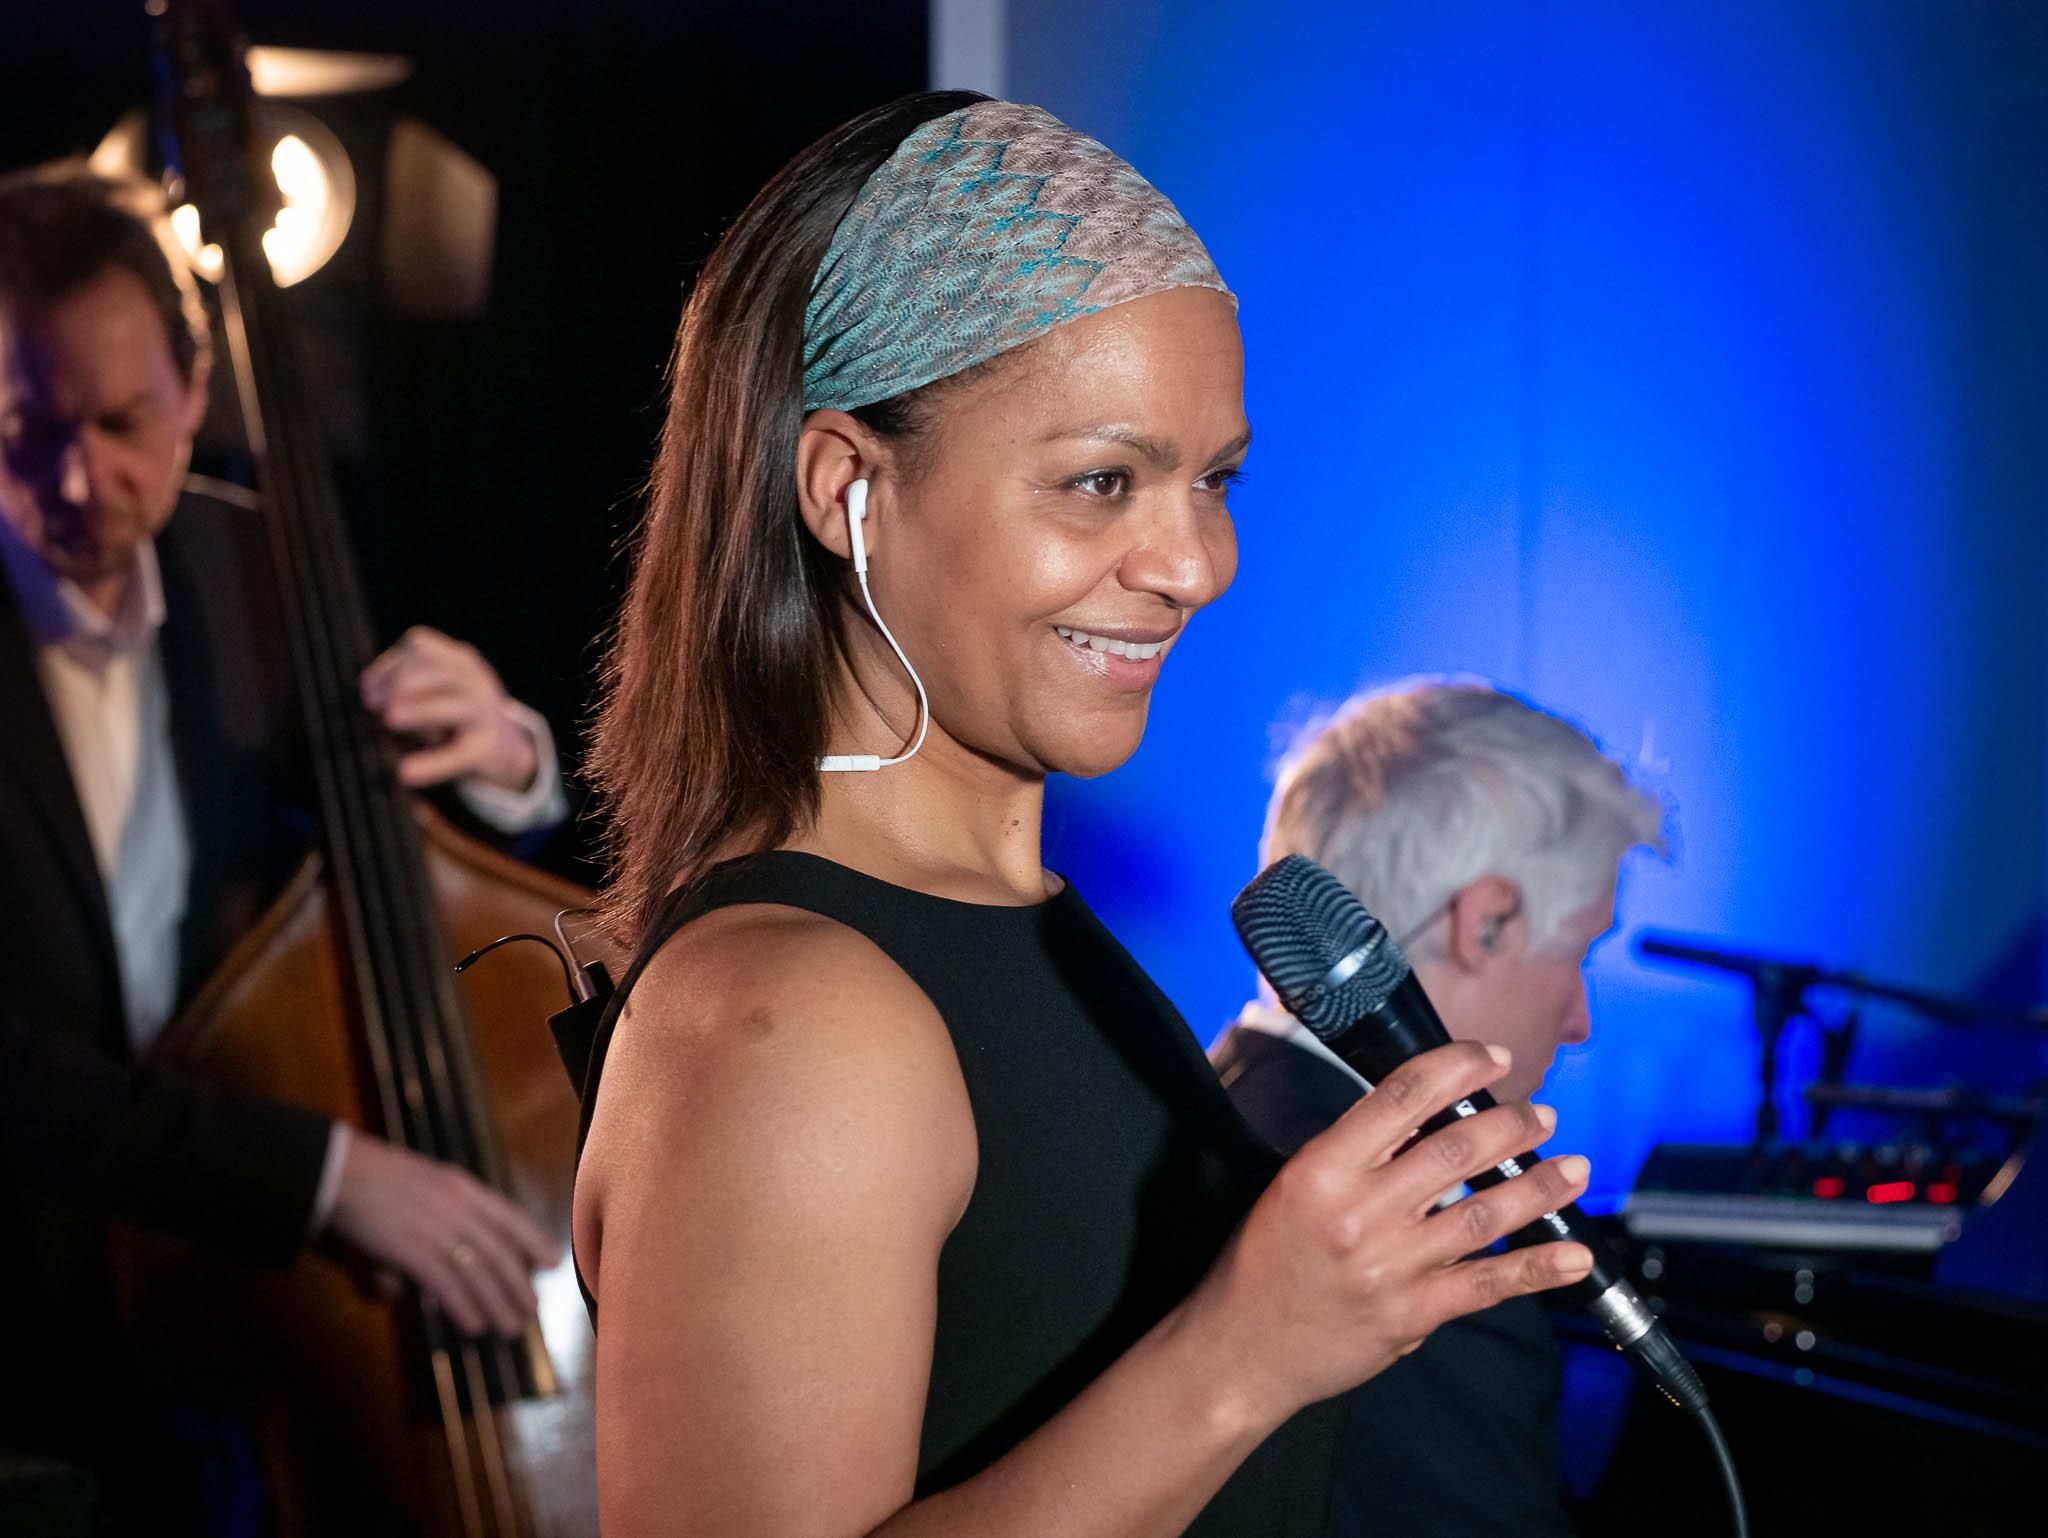 Sängerin Felicia Touré